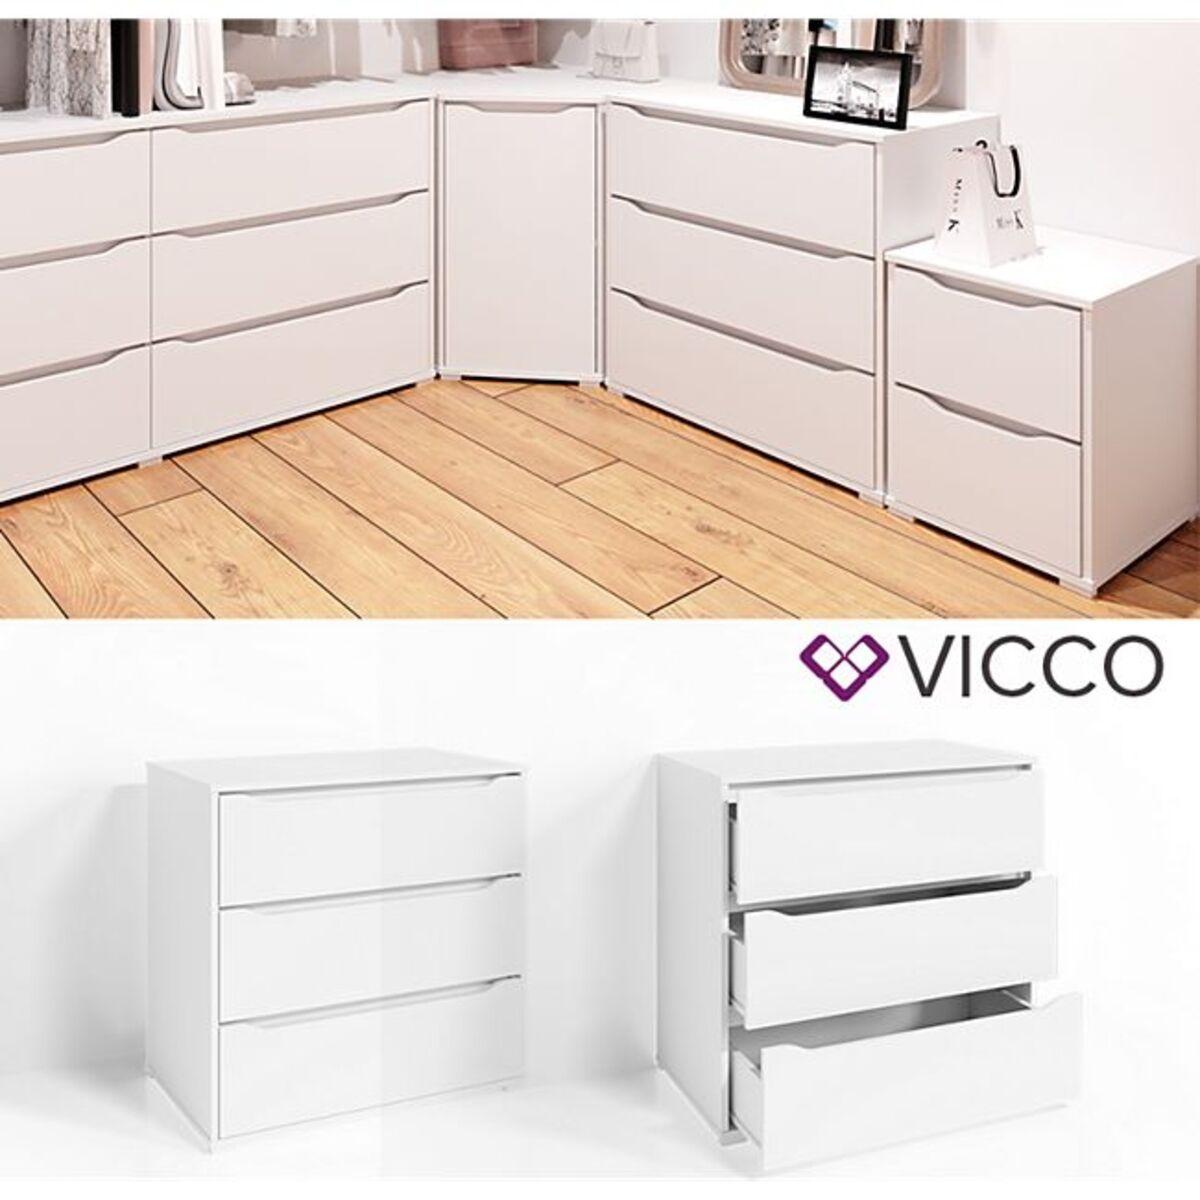 Bild 1 von VICCO Kommode RUBEN Weiß 3 Schubladen 80cm Sideboard Mehrzweckschrank Schrank